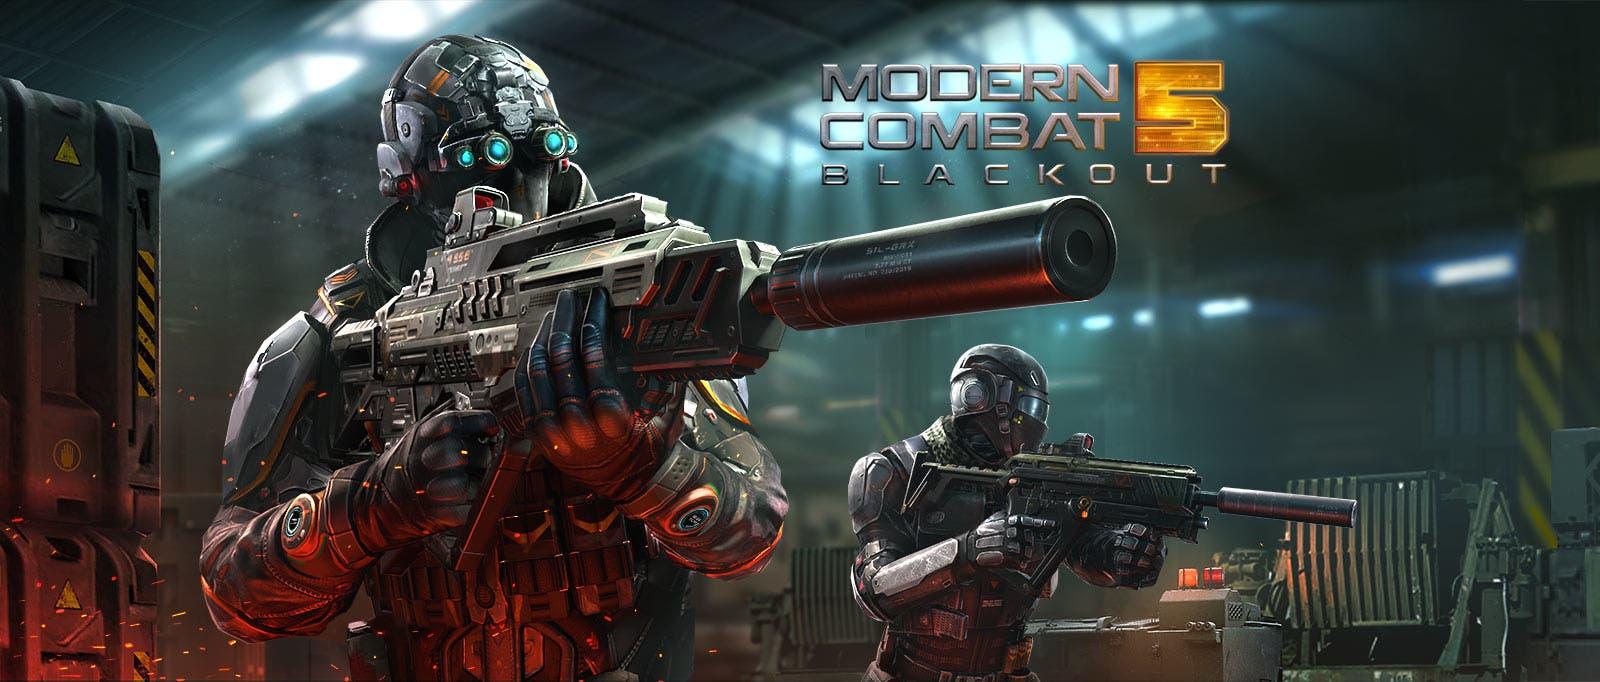 Imagen de Modern Combat 5: Blackout anuncia su lanzamiento para Nintendo Switch